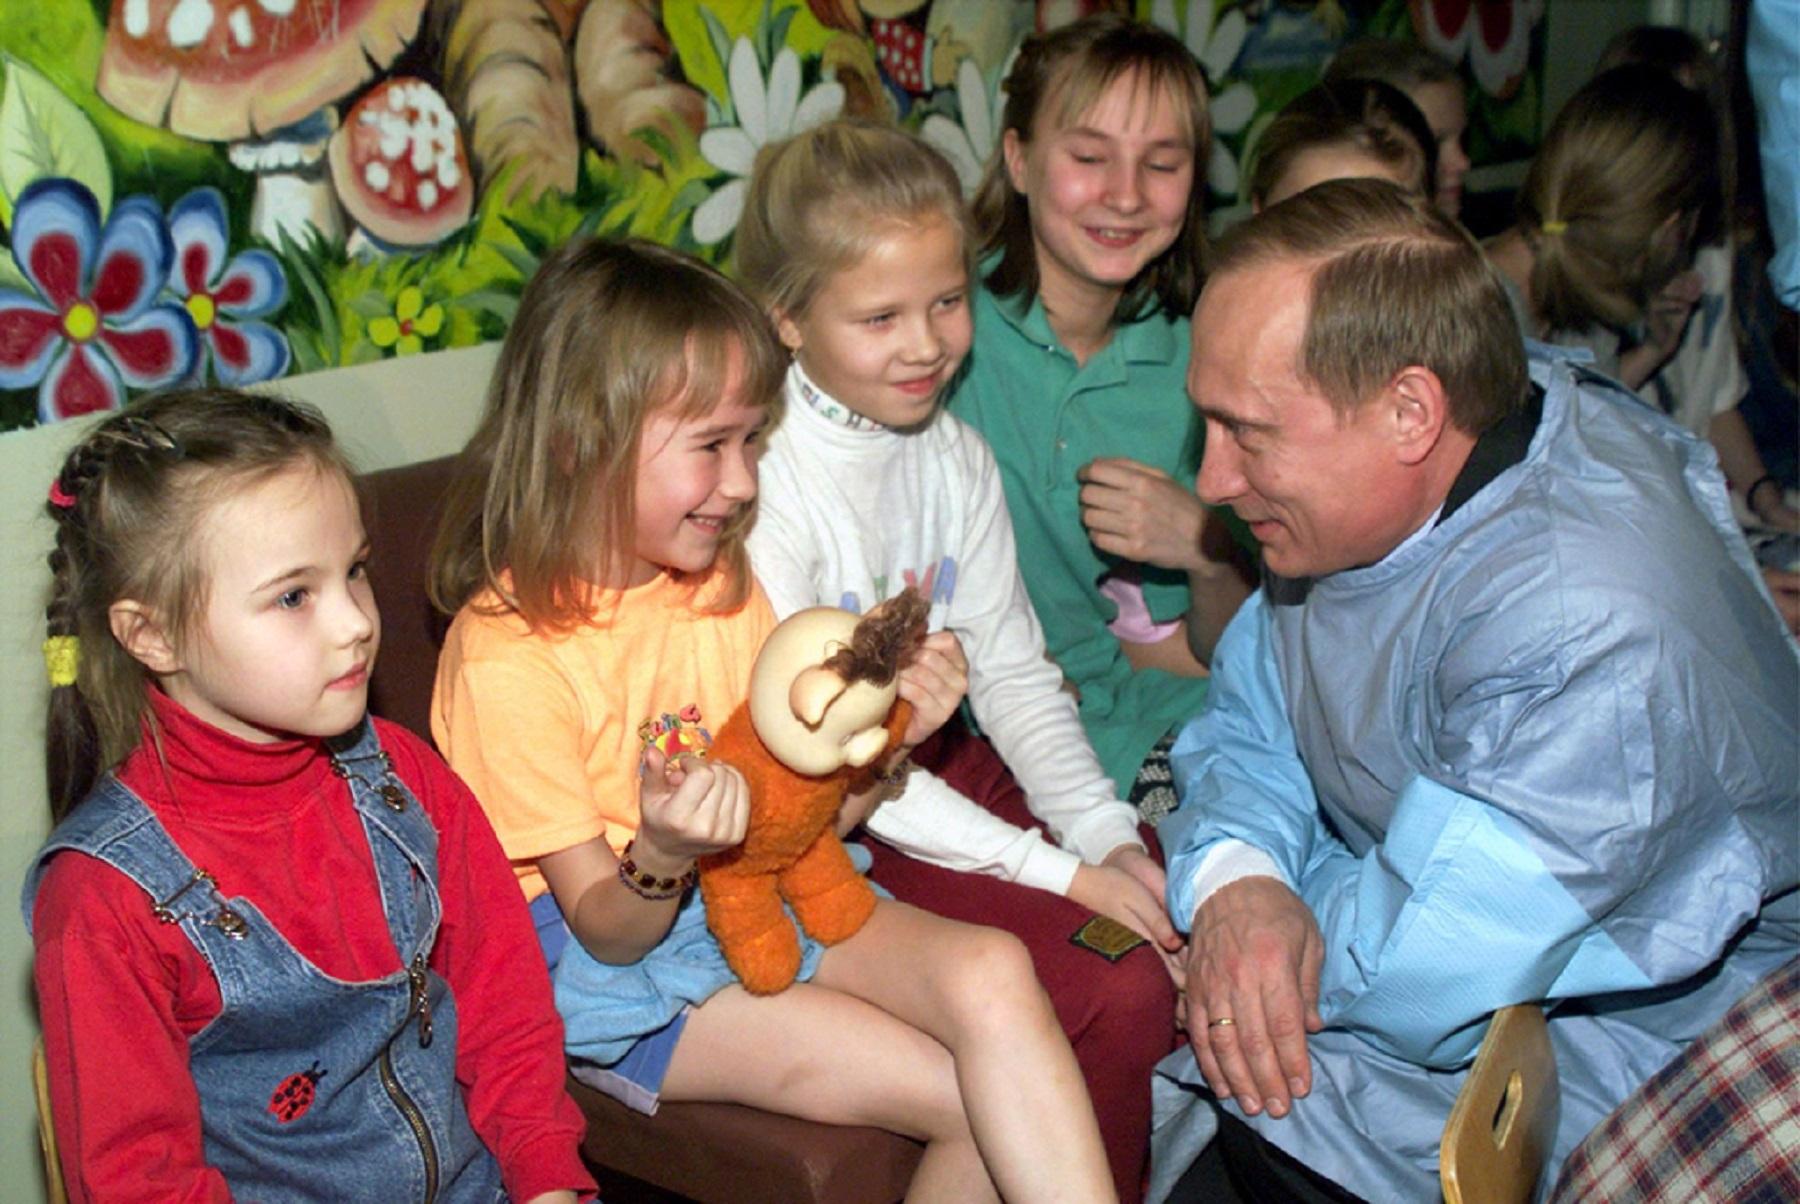 putin - 8 1565448269 - 20 năm cầm quyền của Tổng thống Putin: Từ nhà cải cách đến lãnh đạo cứng rắn